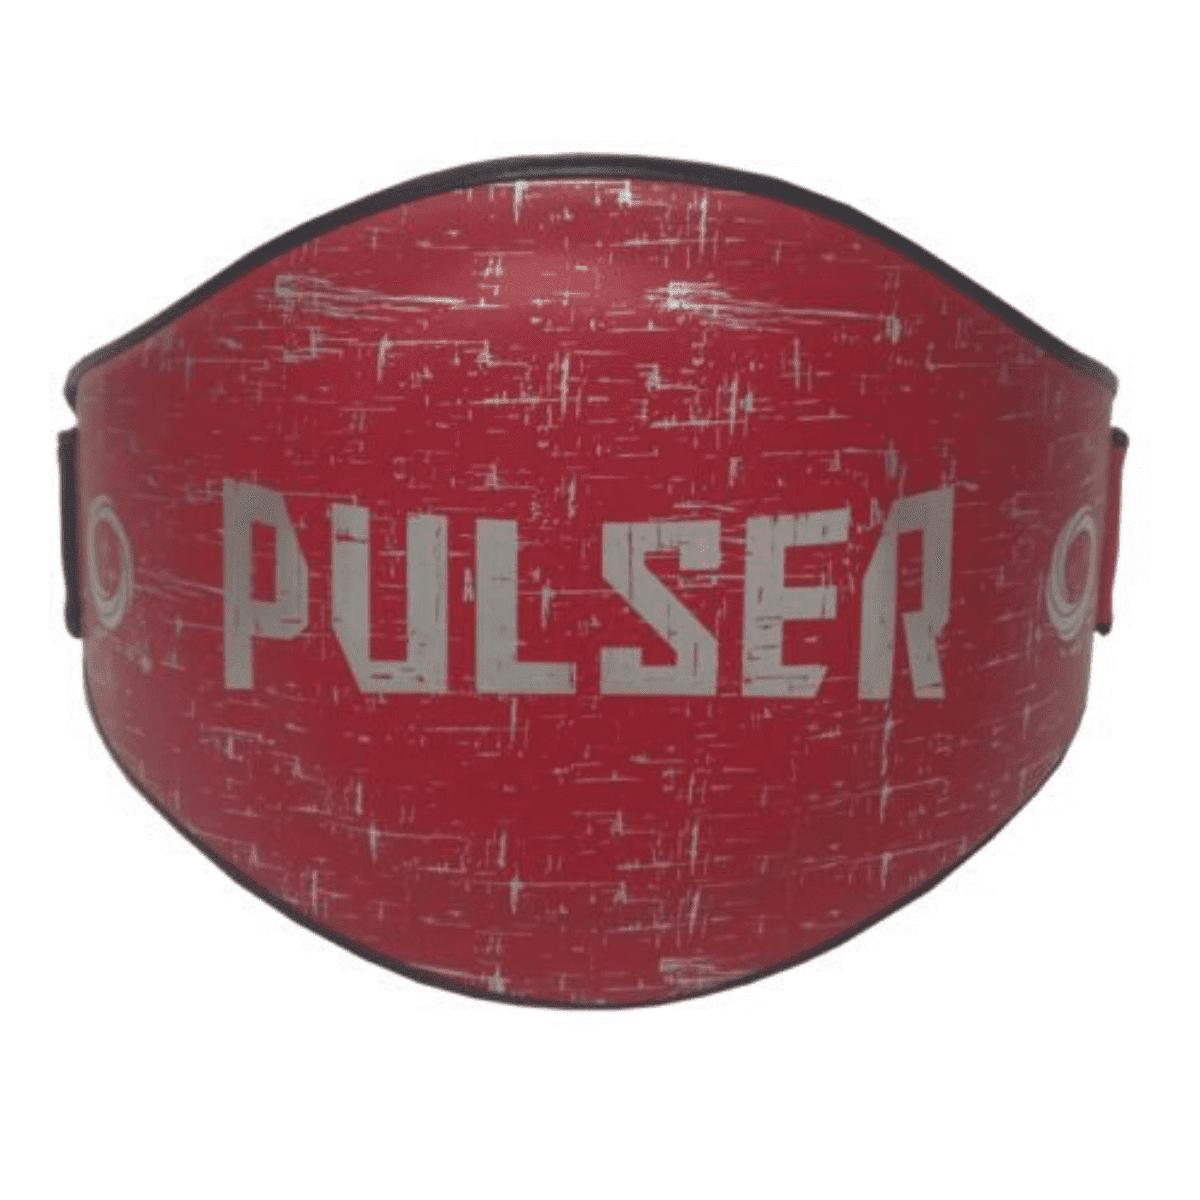 Cinturão para Muay Thai / Boxe - Vermelho - Pulser  - PRALUTA SHOP